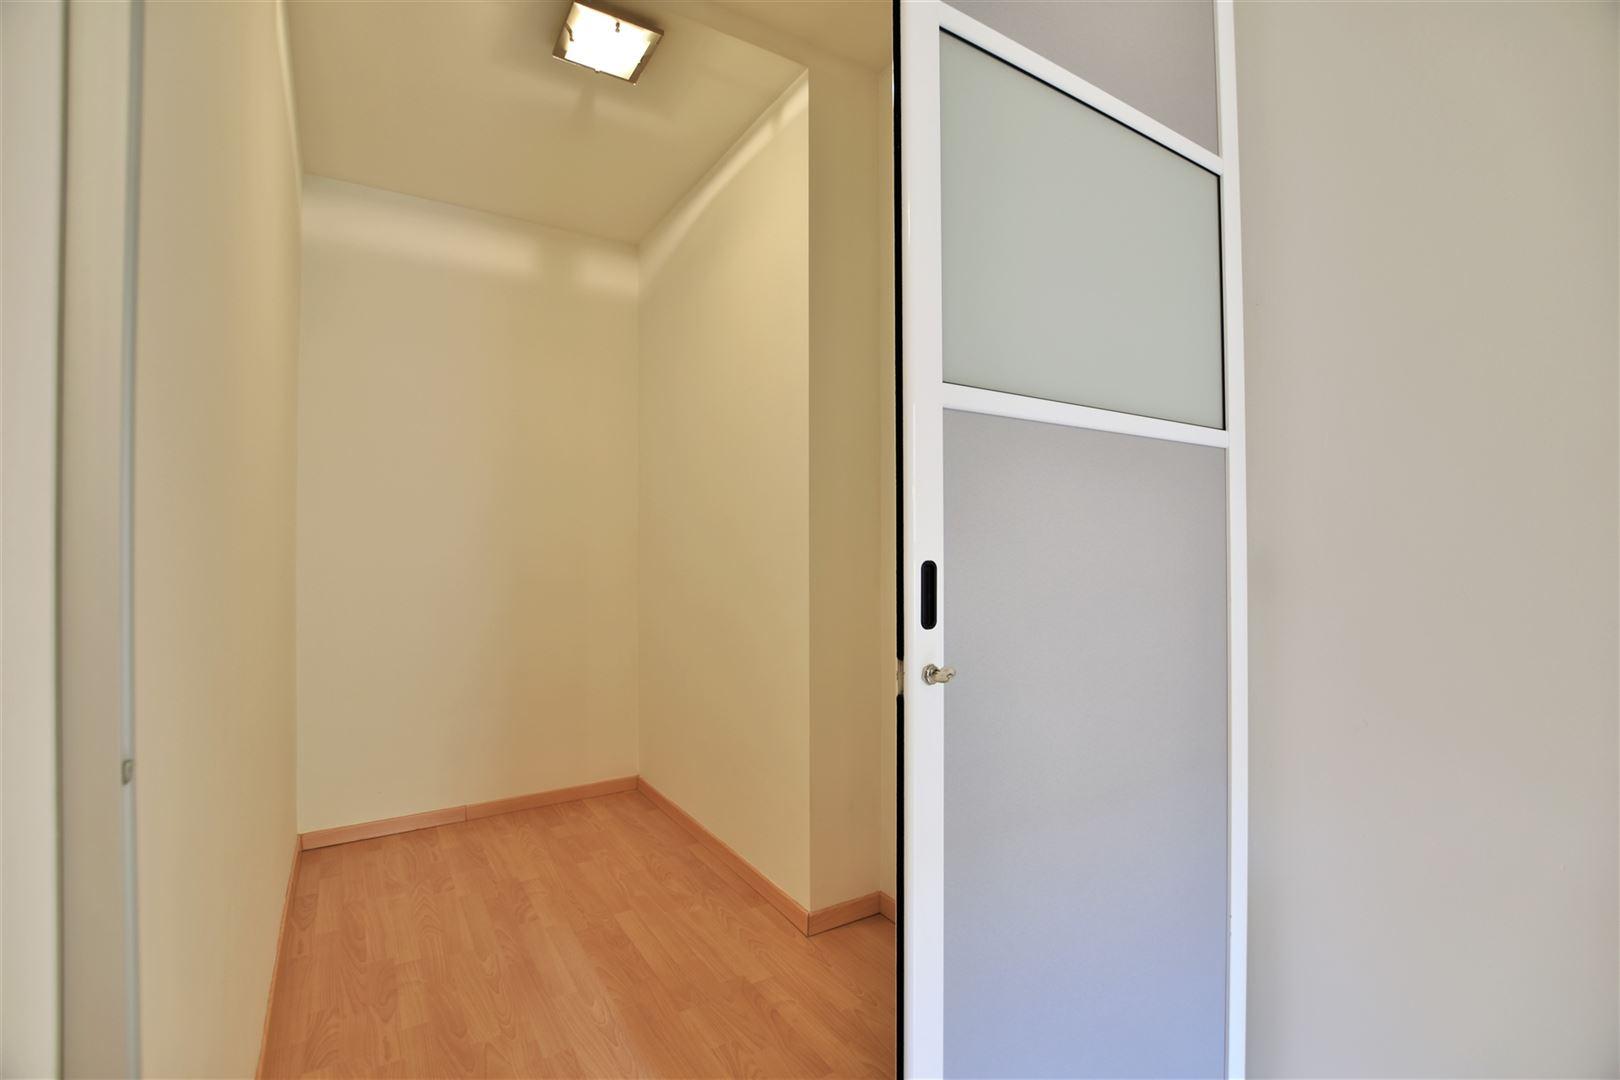 Foto 15 : Appartement te 8400 OOSTENDE (België) - Prijs € 299.000